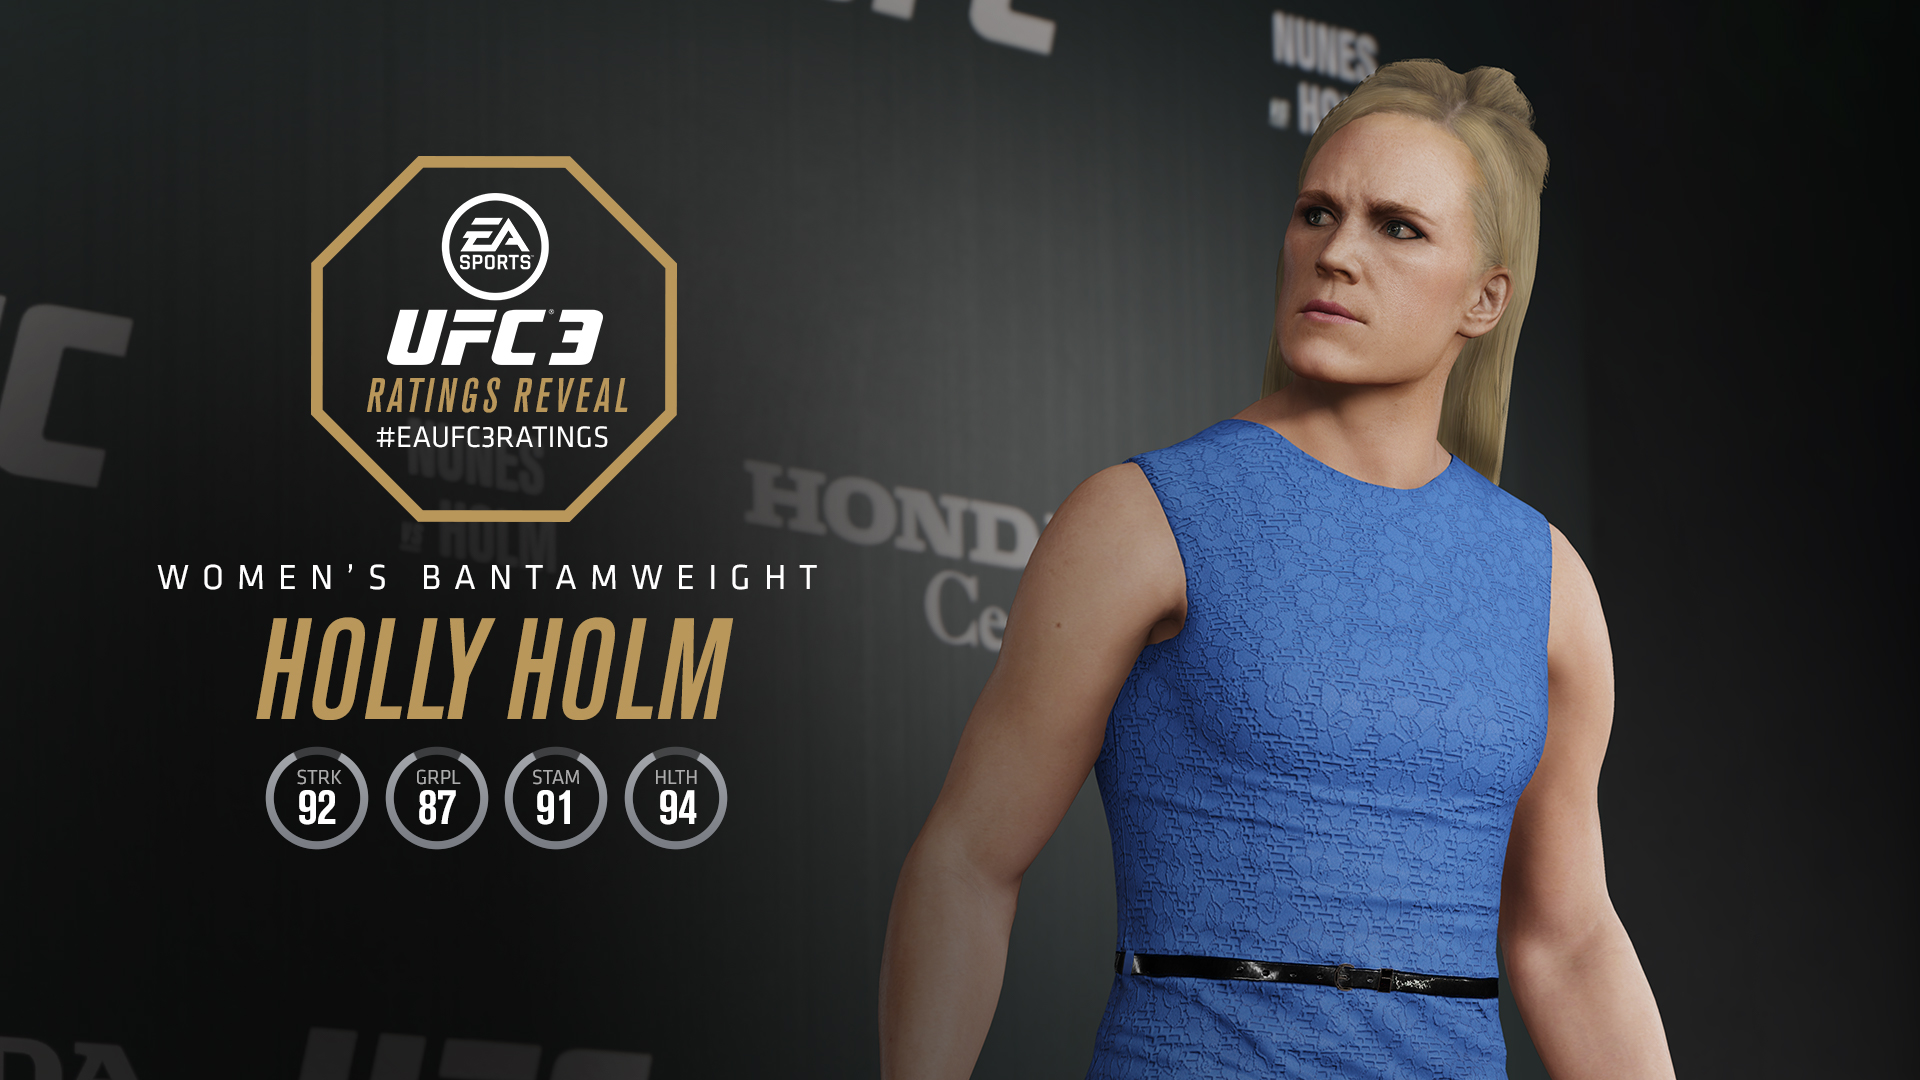 HollyHolm_WomensBantamweight_1920x1080